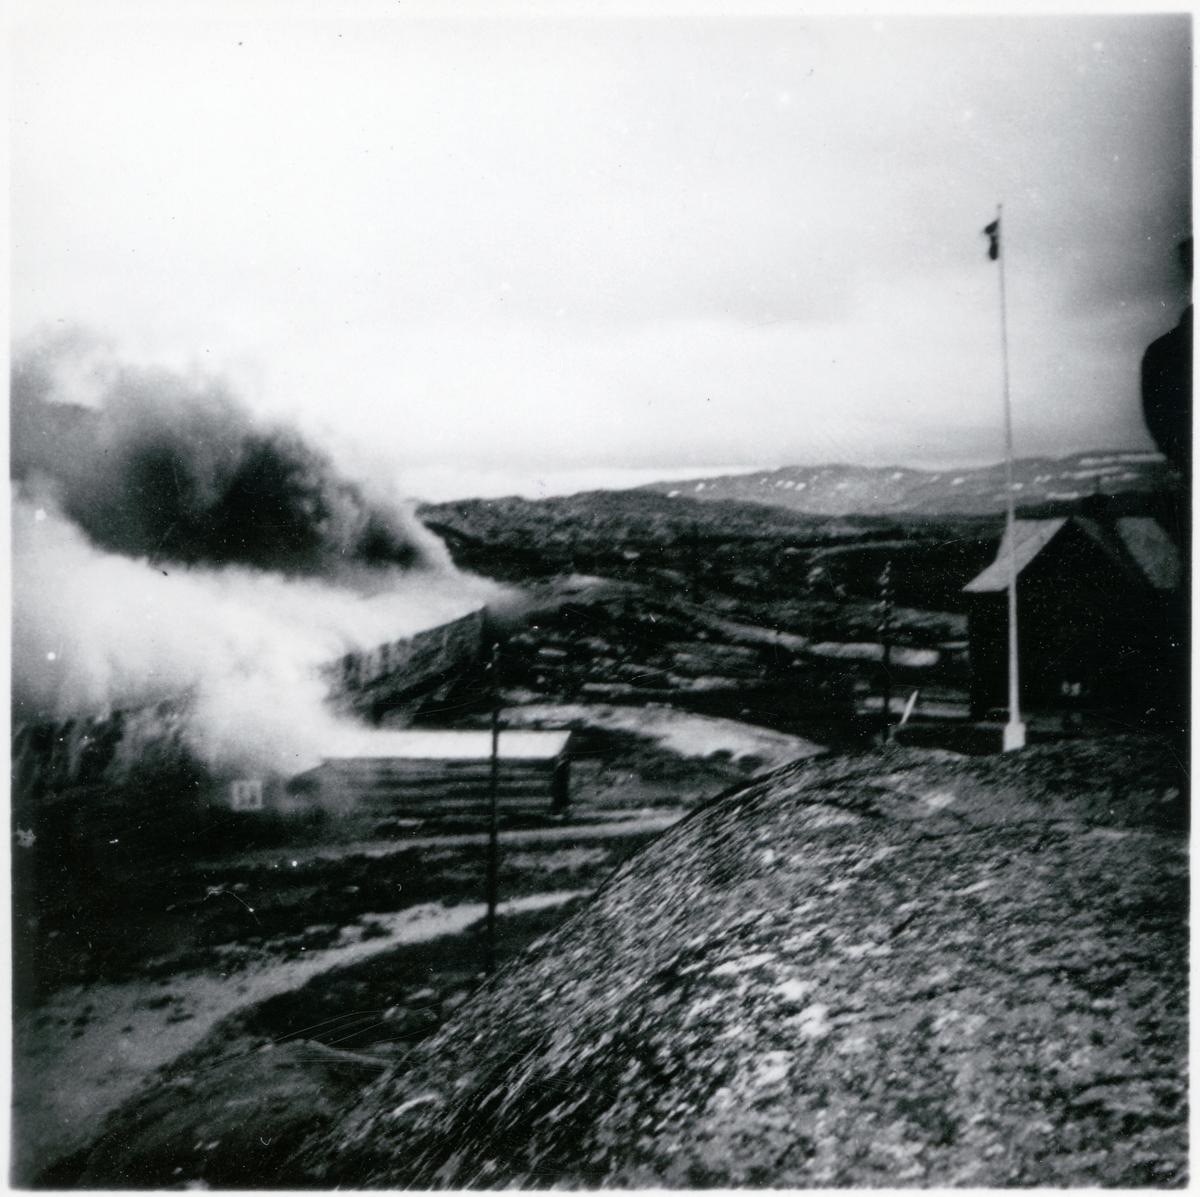 Brand i tåg och snögalleri vid Riksgränsen